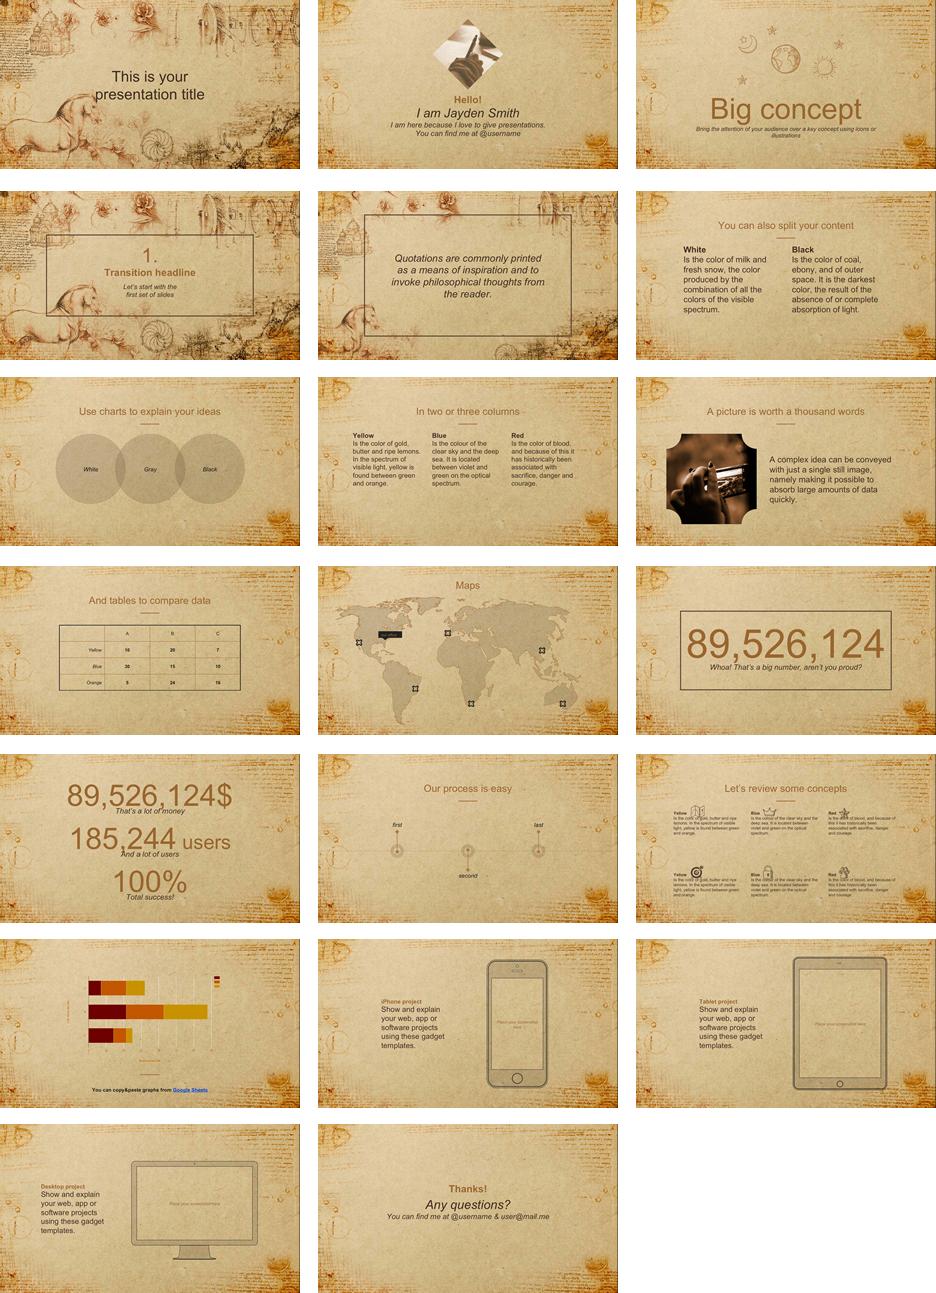 レトロな雰囲気のパワポテンプレート Dolabella presentation template